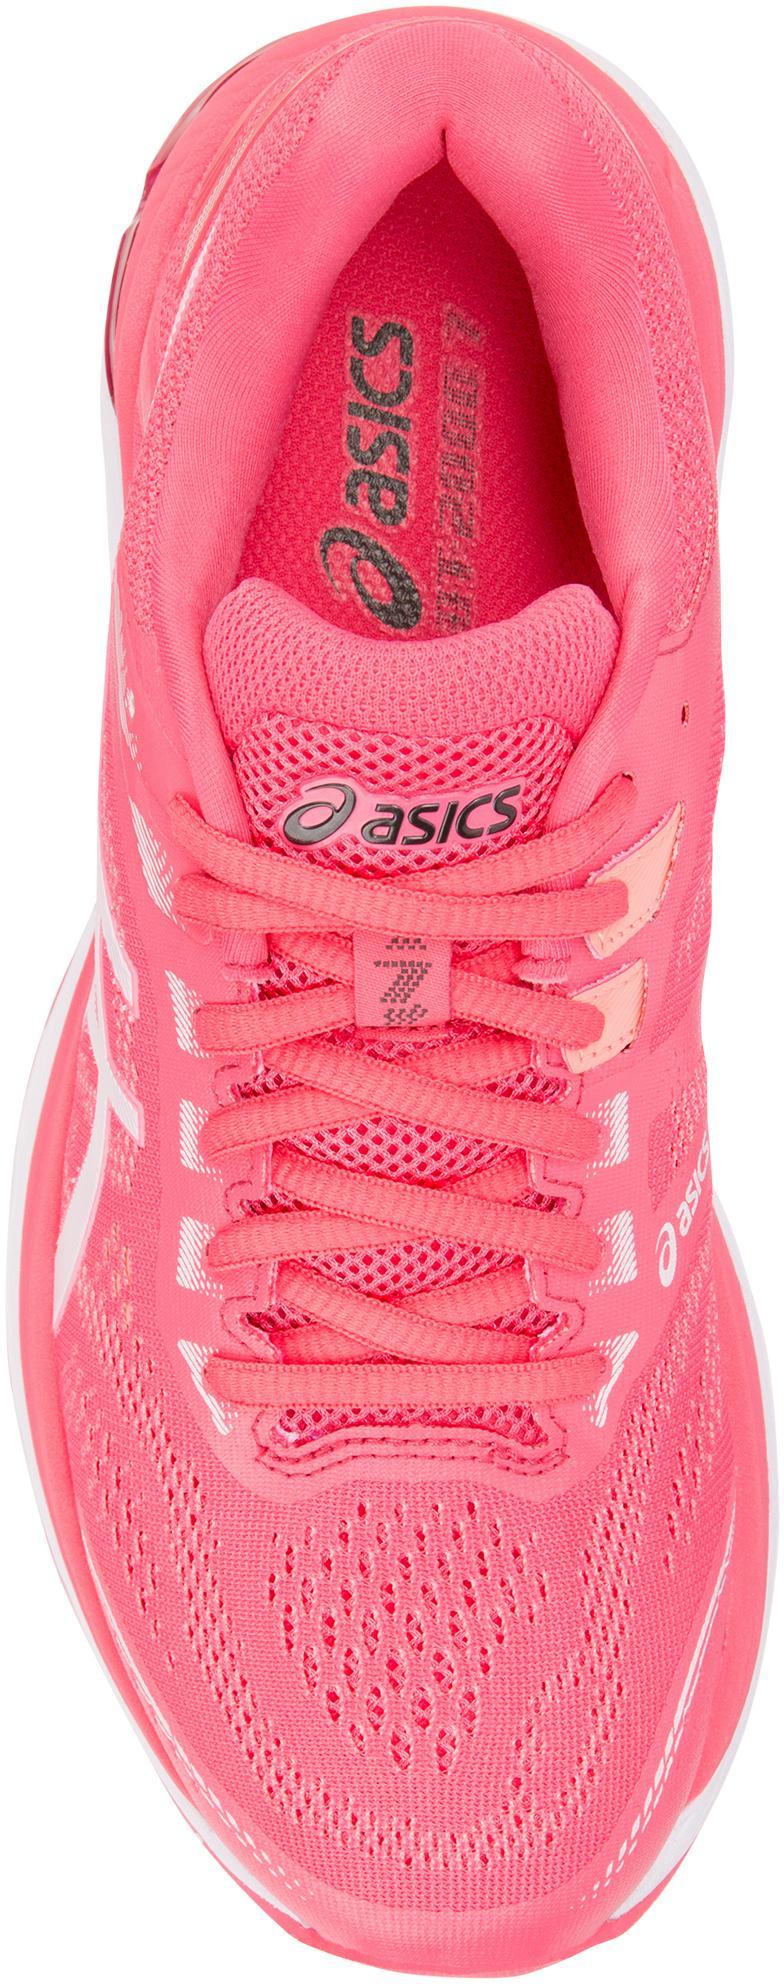 ASICS GT 2000 7 Laufschuhe Damen pink cameo white im Online Shop von SportScheck kaufen